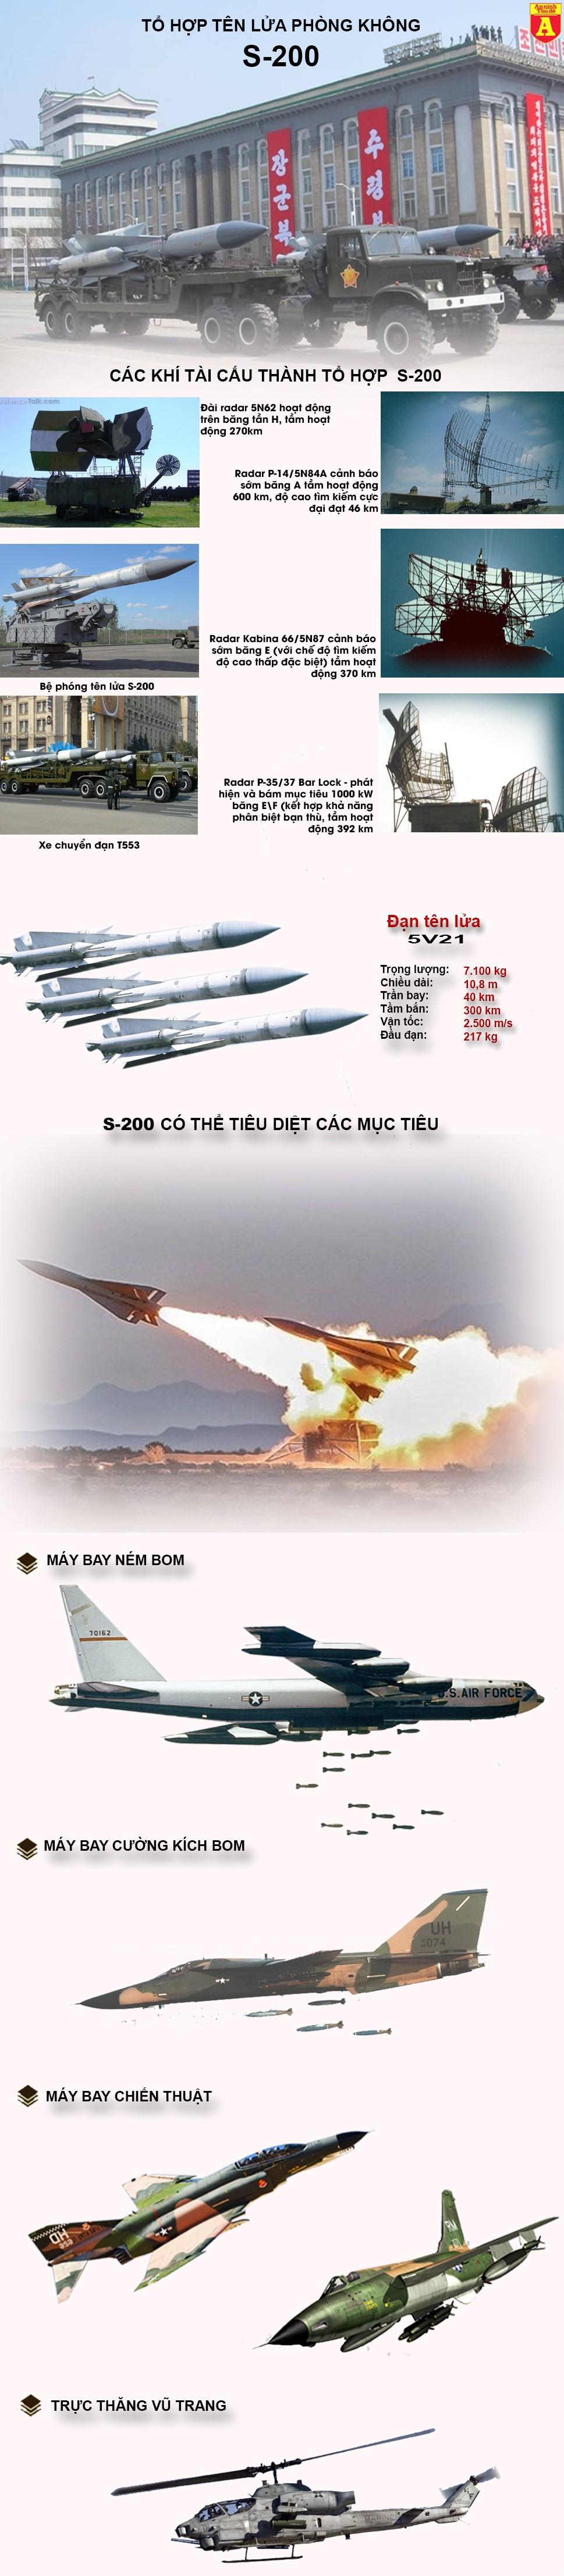 [Infographic] Lộ diện vũ khí Triều Tiên dọa bắn hạ máy bay ném bom Mỹ ảnh 3